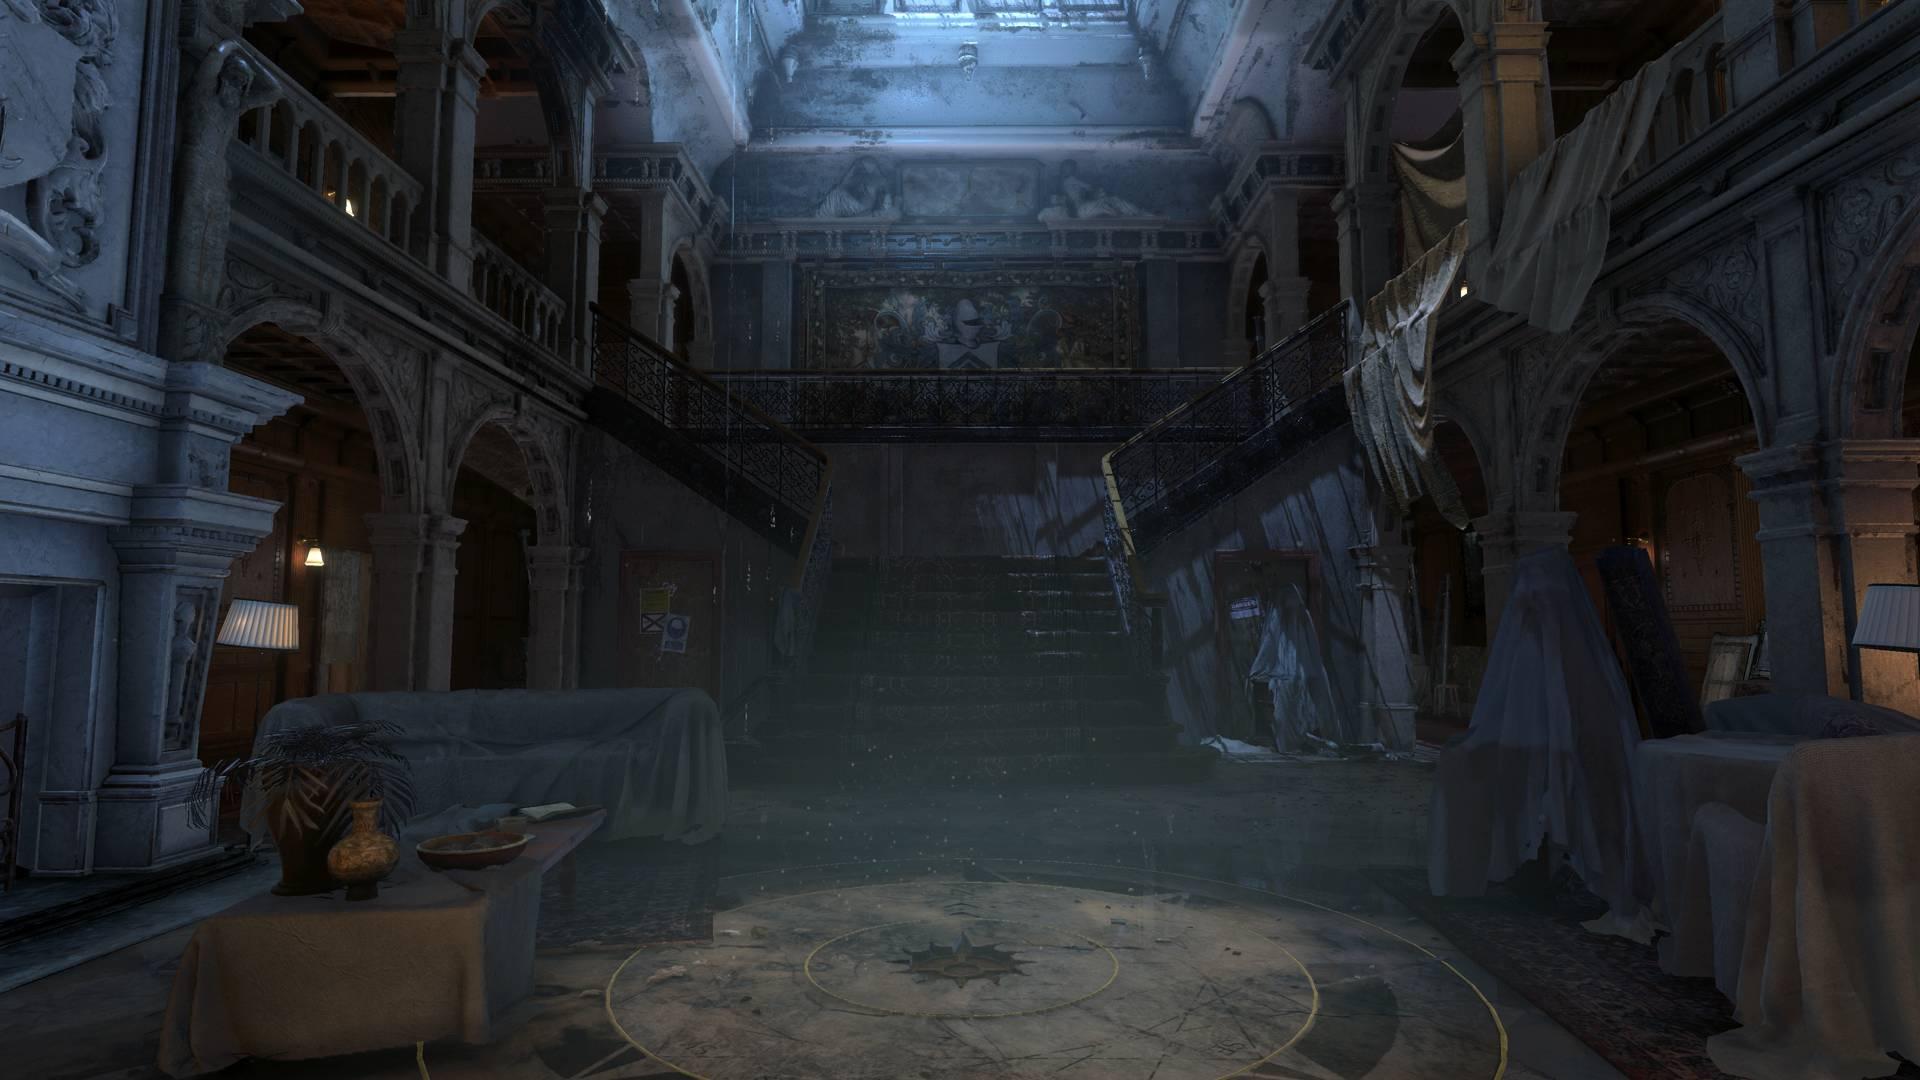 ROTTR_Manor_BloodTies_SteamVR_1920x1080_1512468914